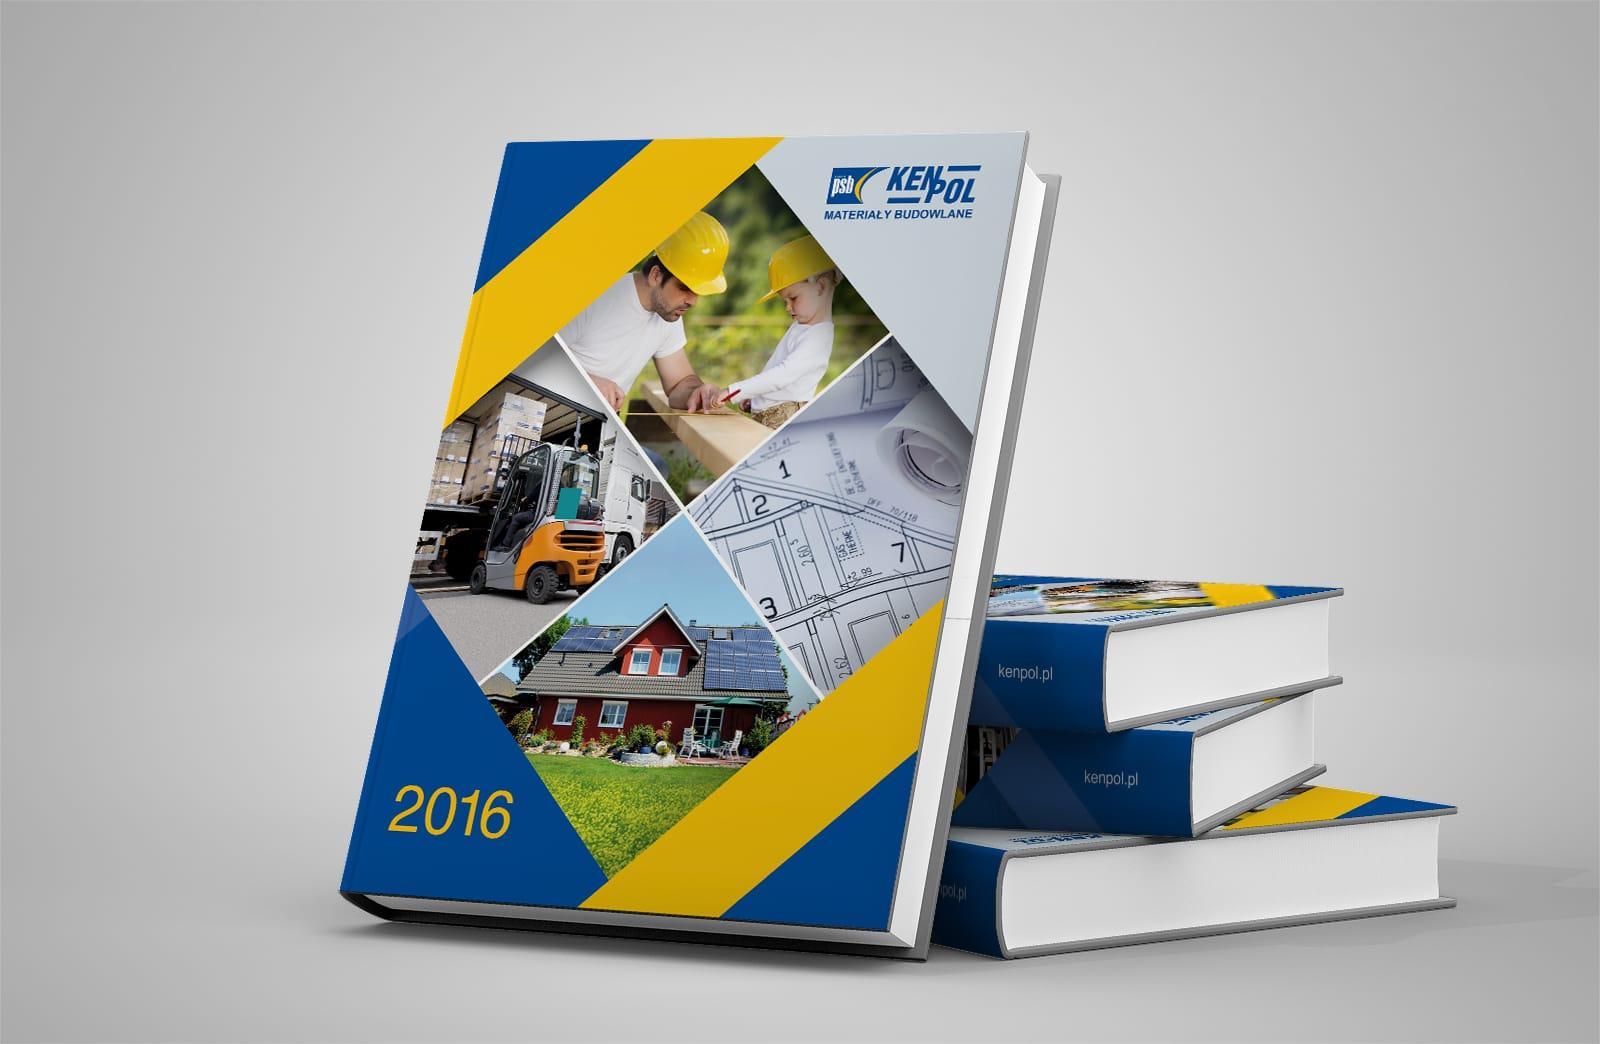 Kenpol materiały budowlane kalendarz ksiazkowy 2016 Agencja brandingowa Moweli Creative